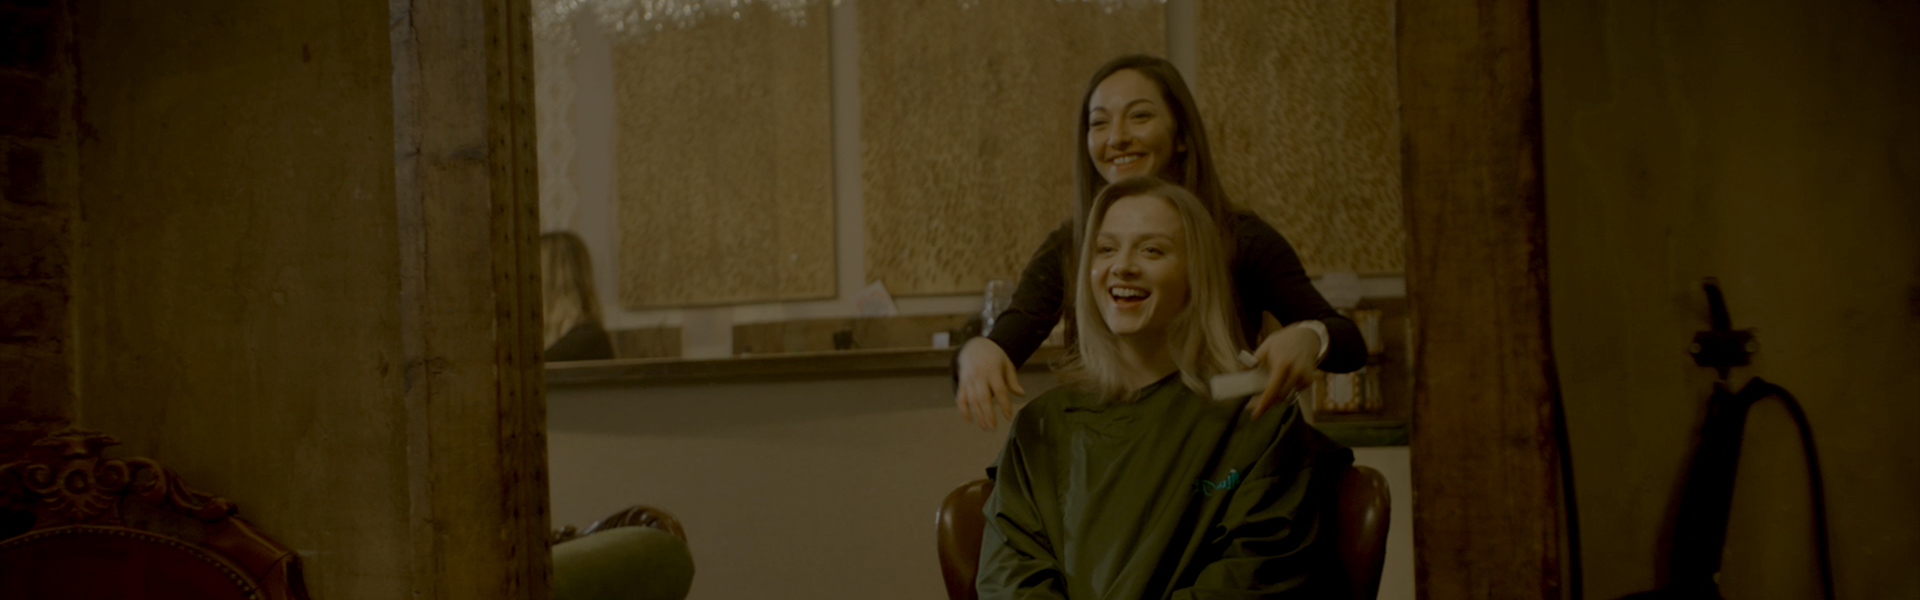 Δύο γυναίκες σε ένα κομμωτήριο